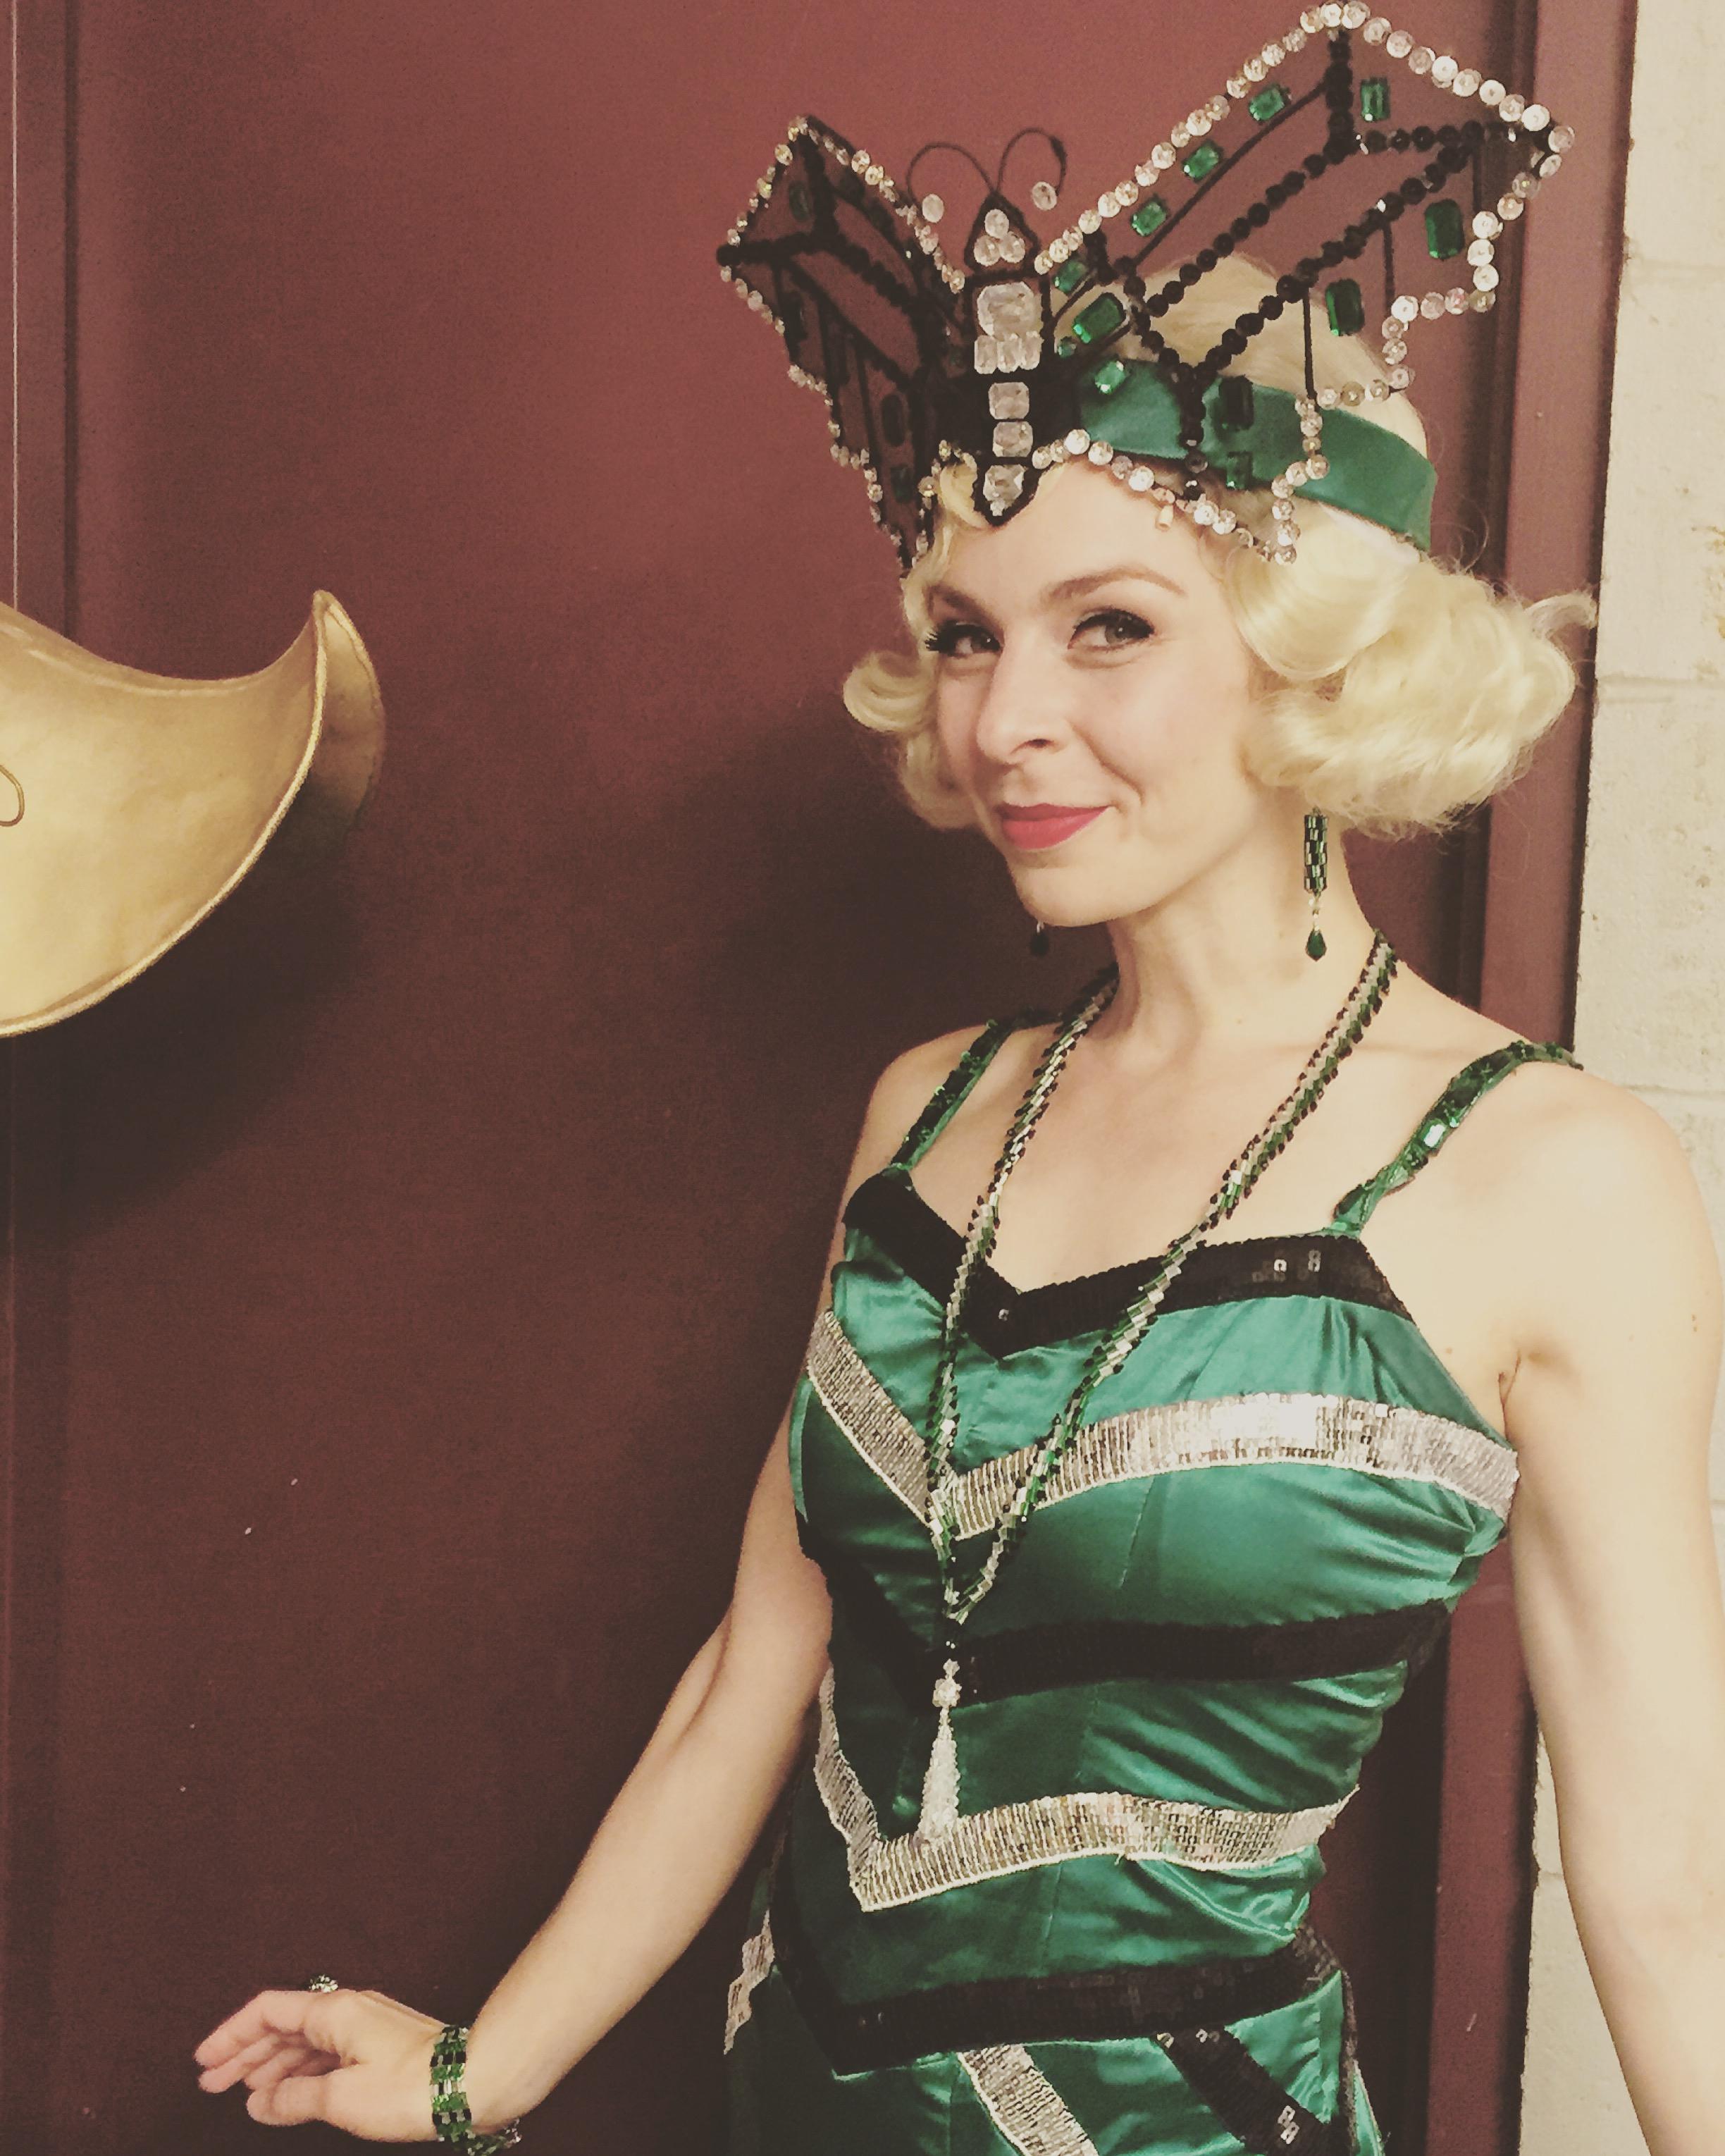 Gotta love a butterfly headdress.